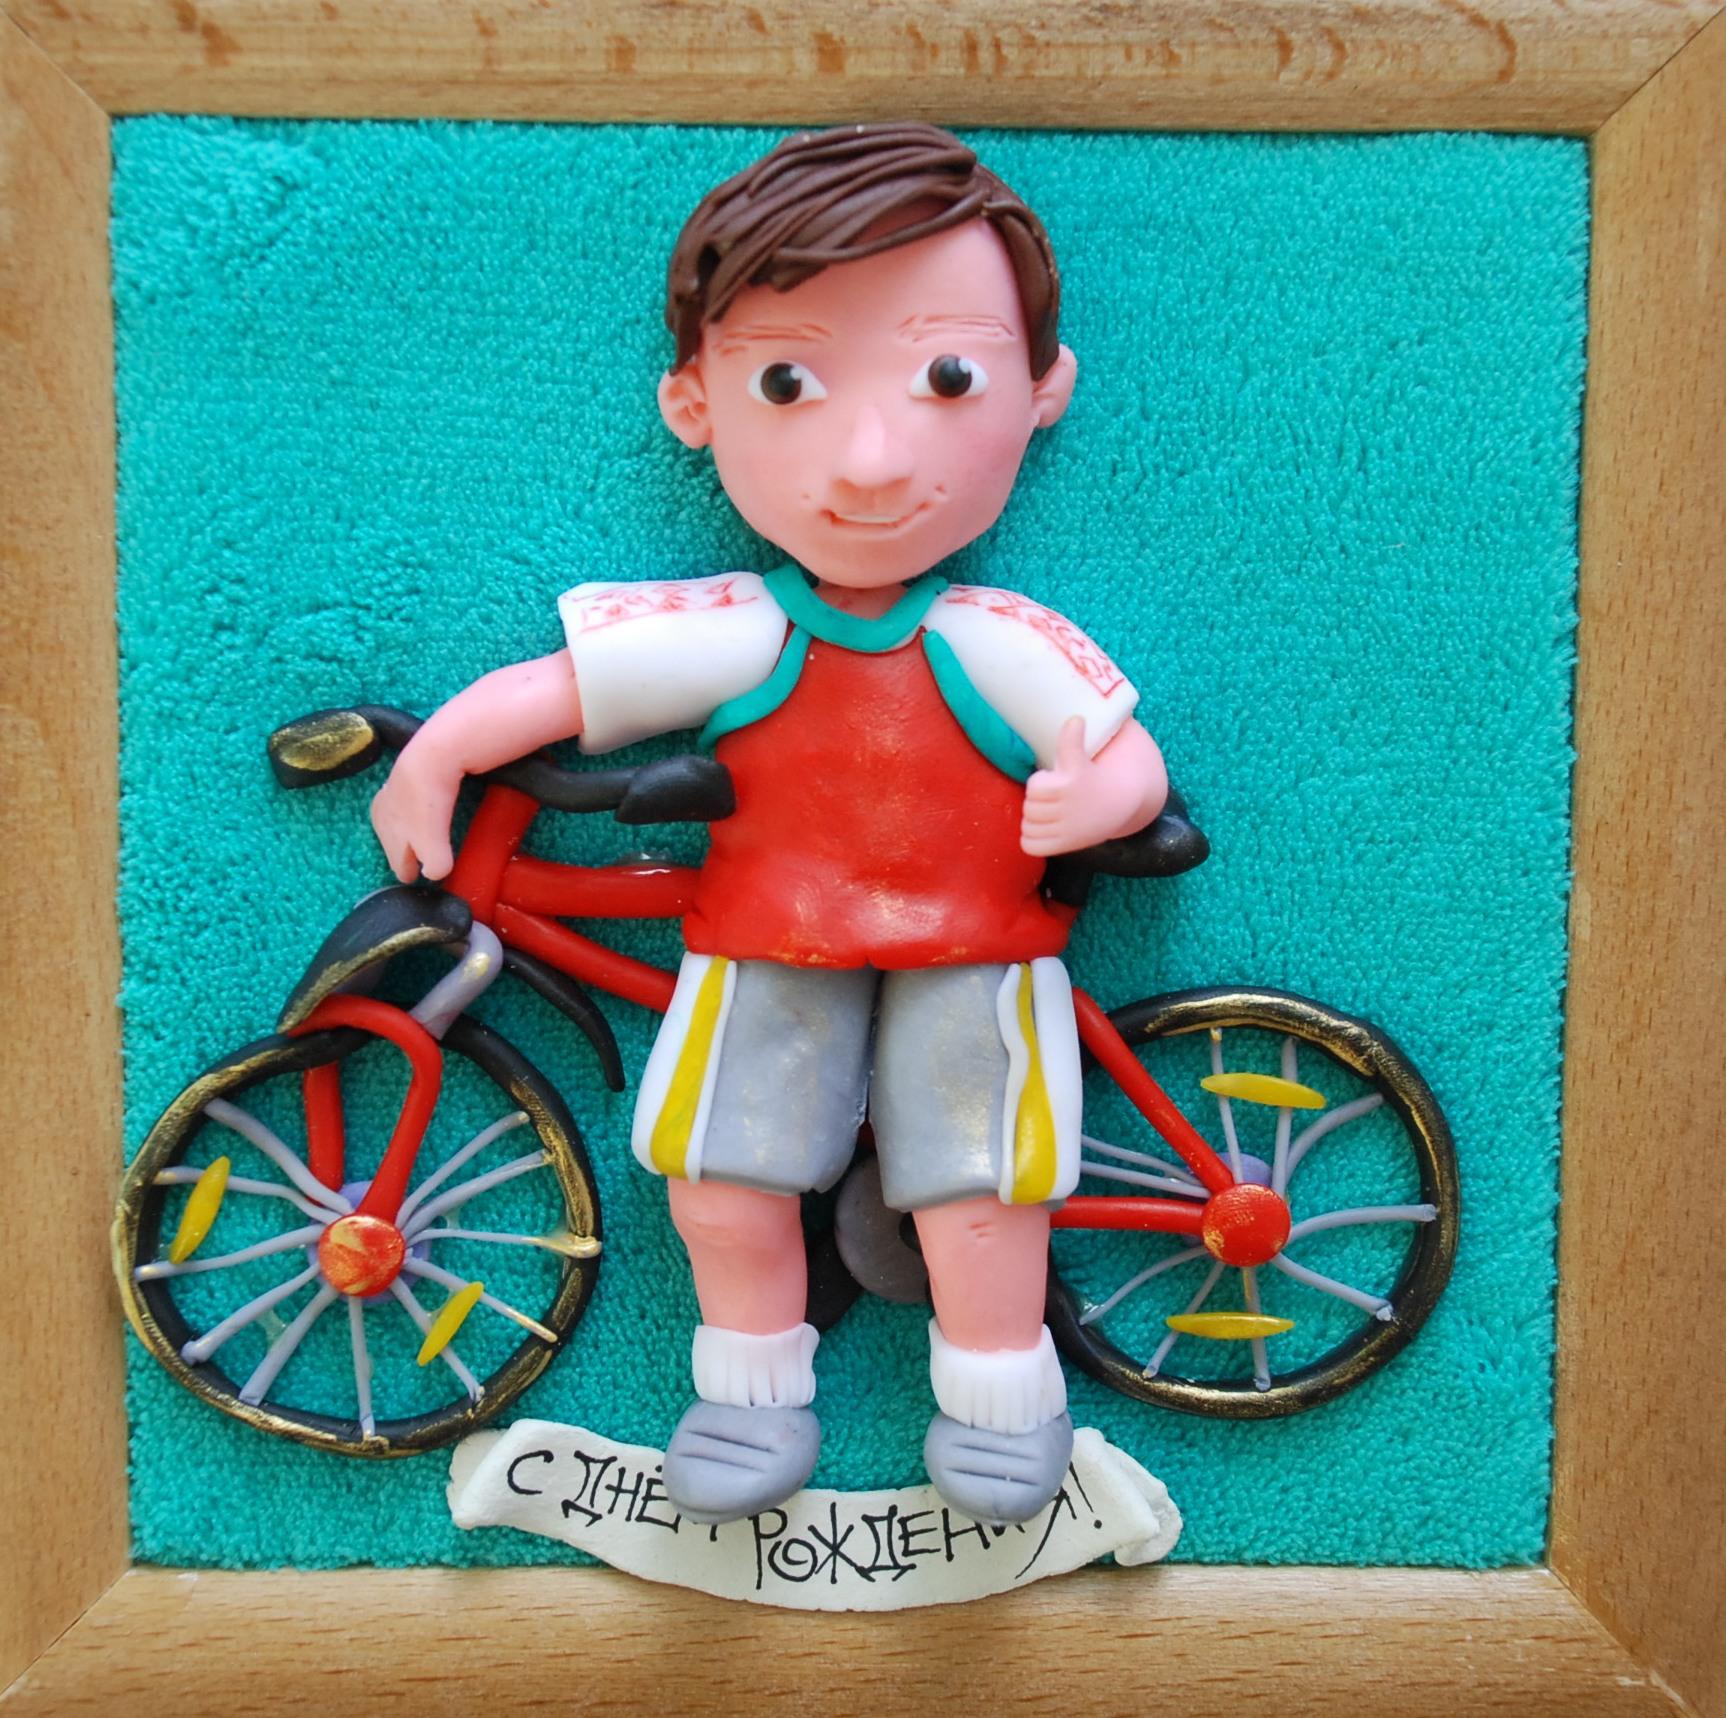 С днем рождения велосипед открытка, про бизнес